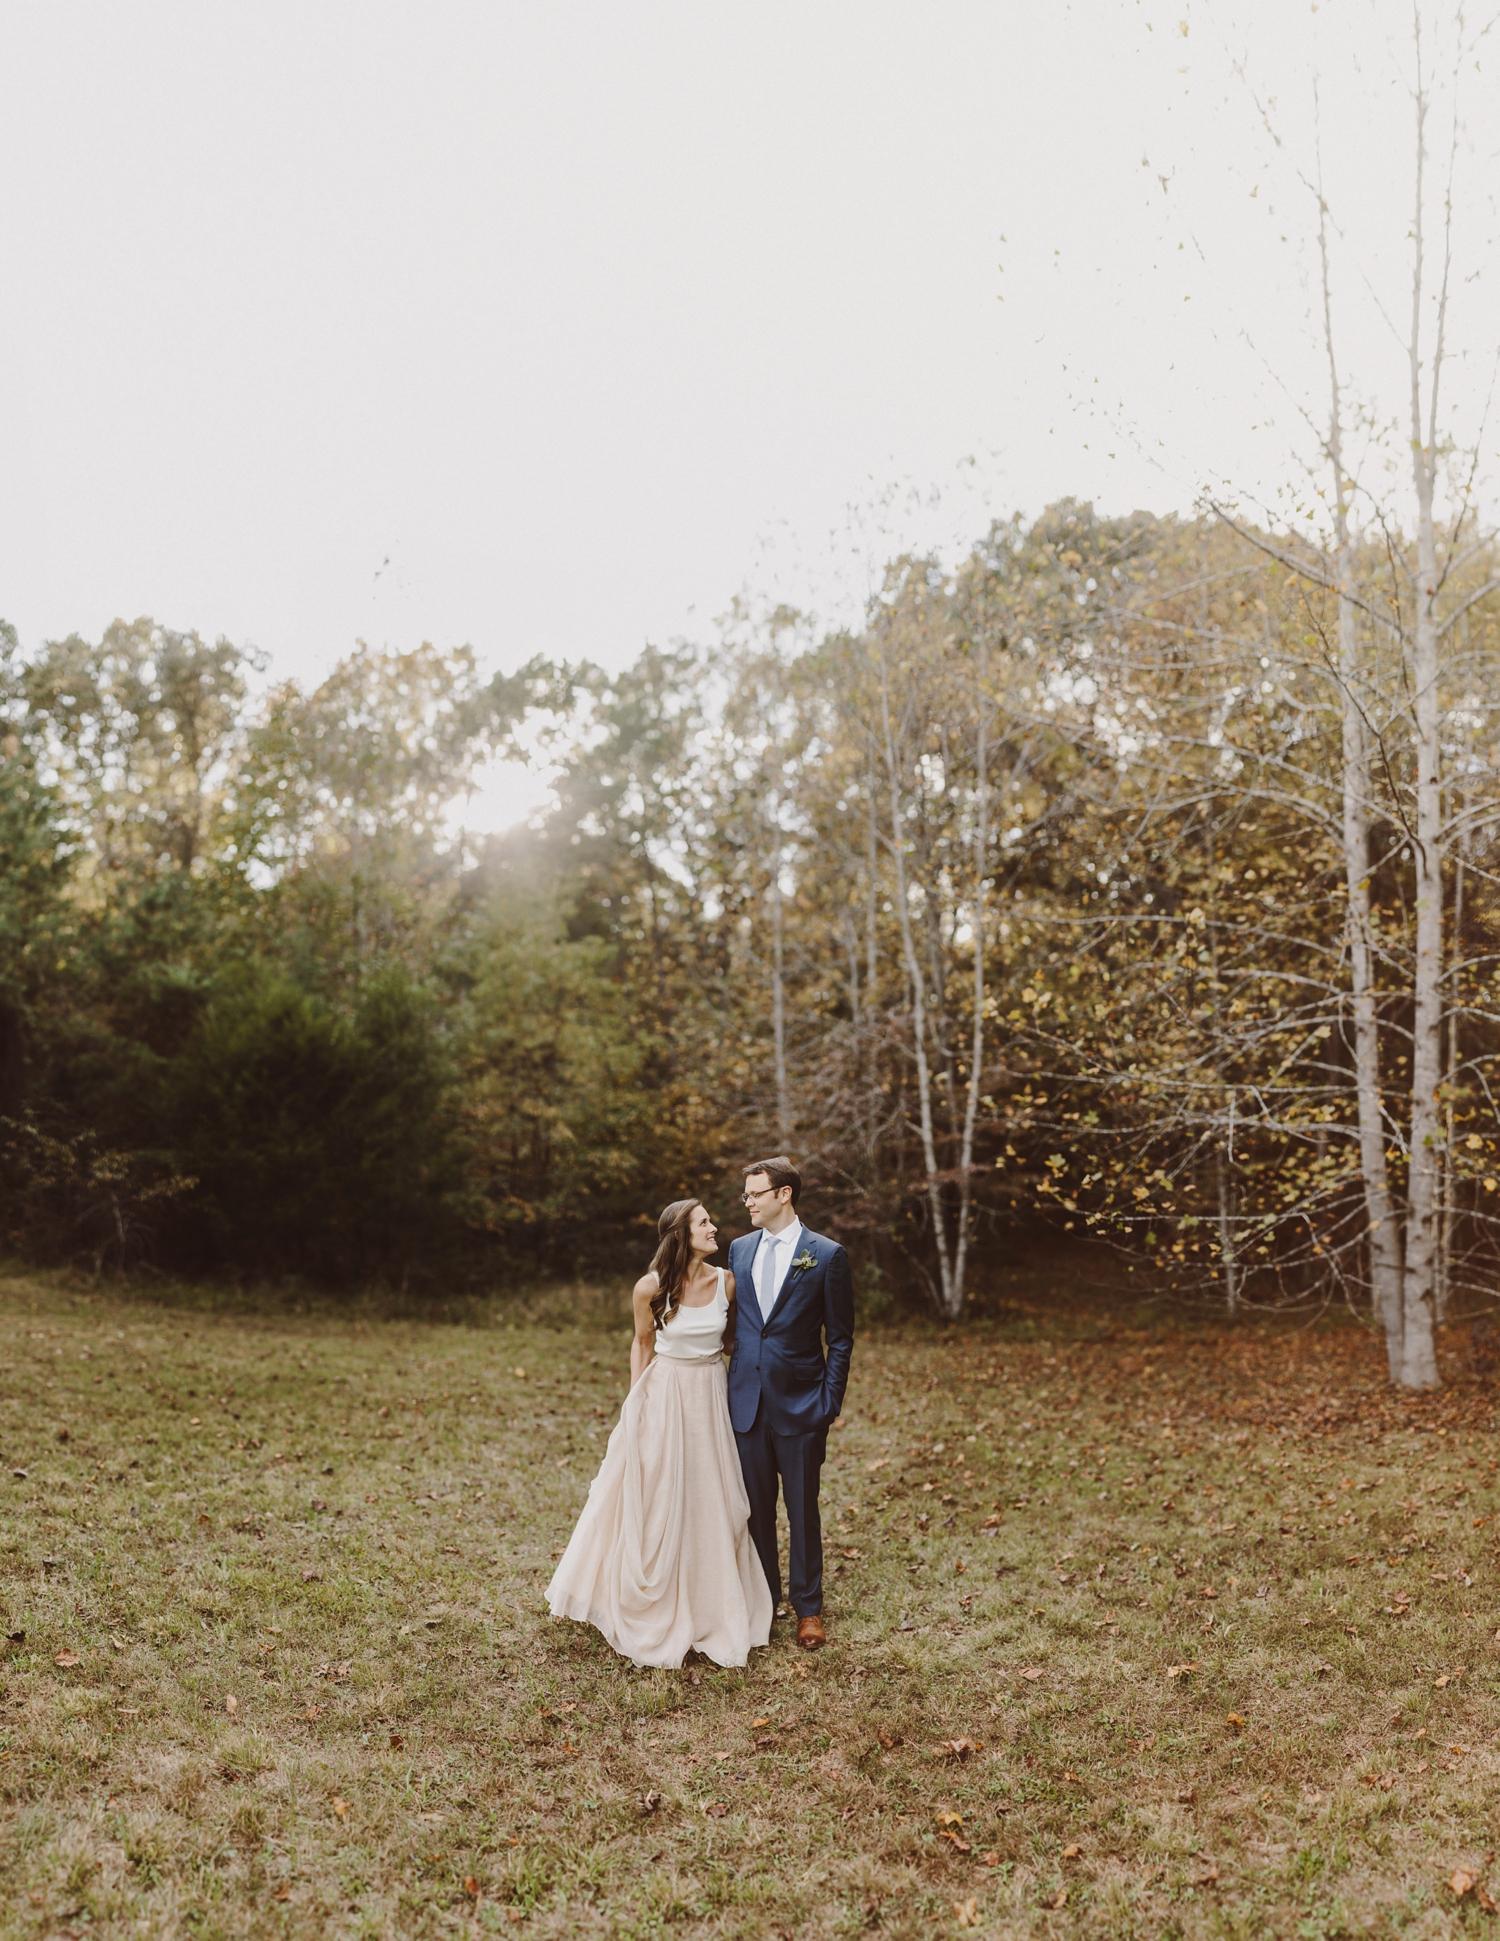 Wedding Photography Charlottesville Va: Charlottesville